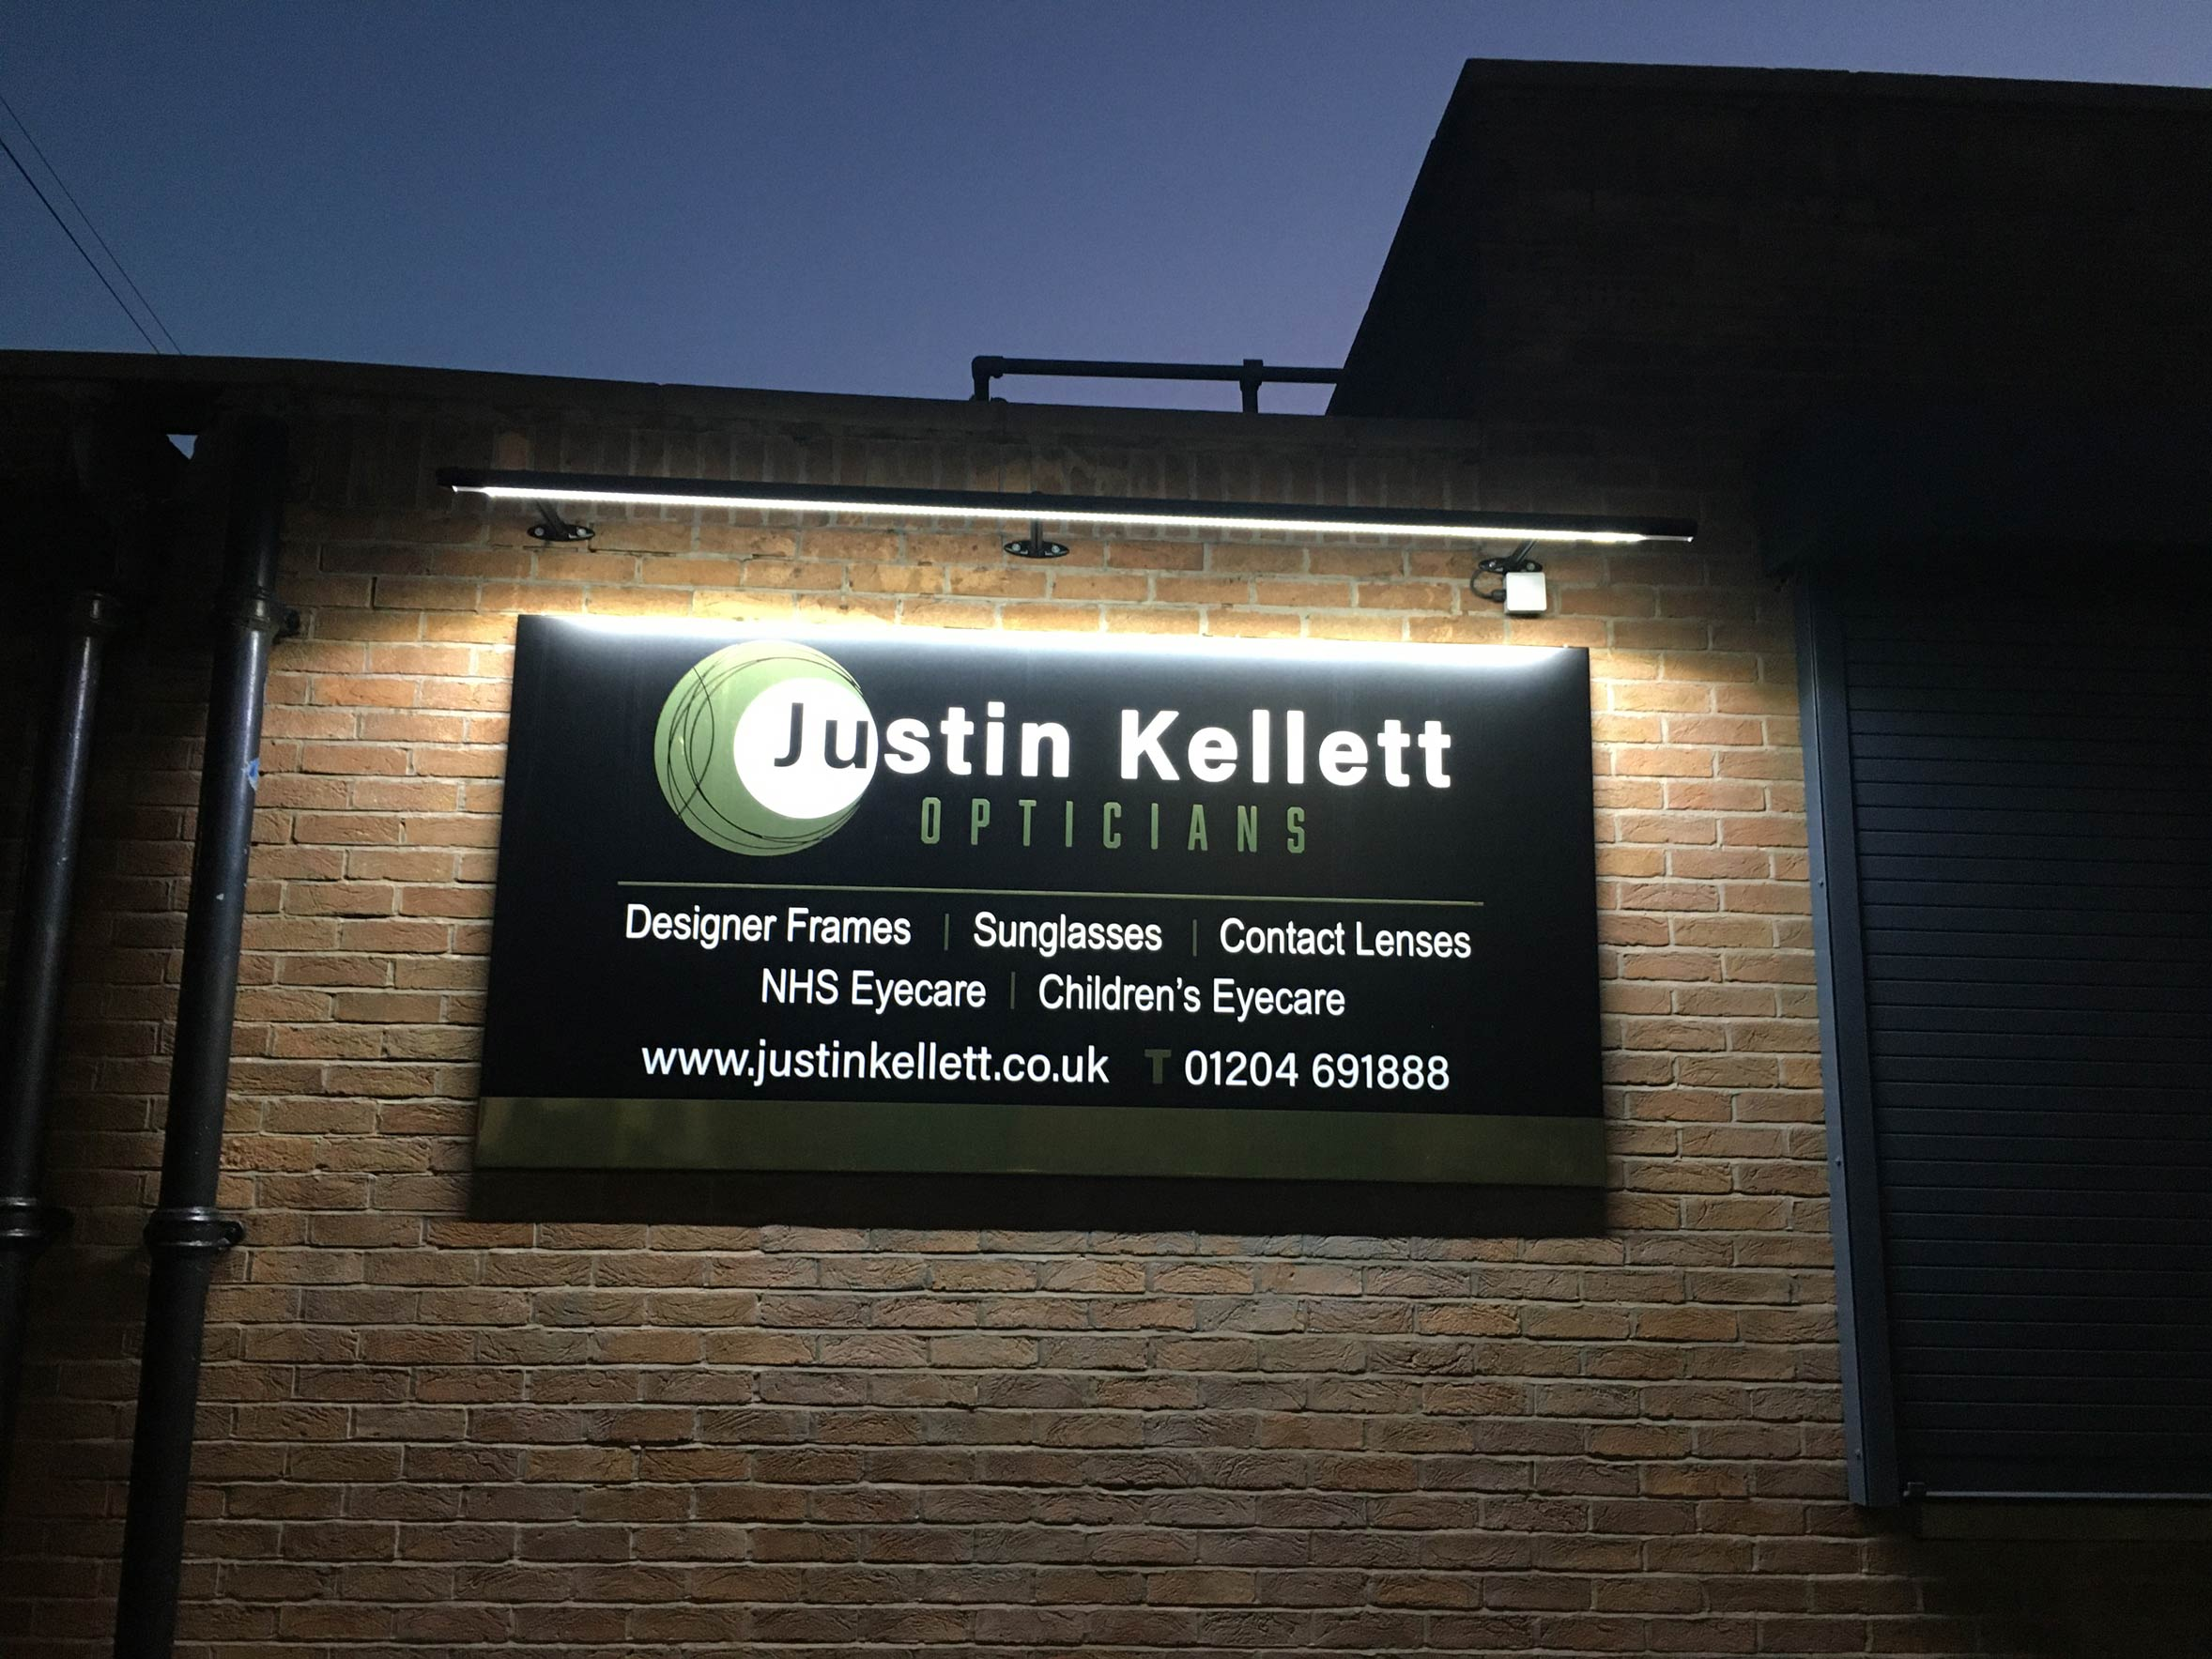 Justin Kellett Opticians